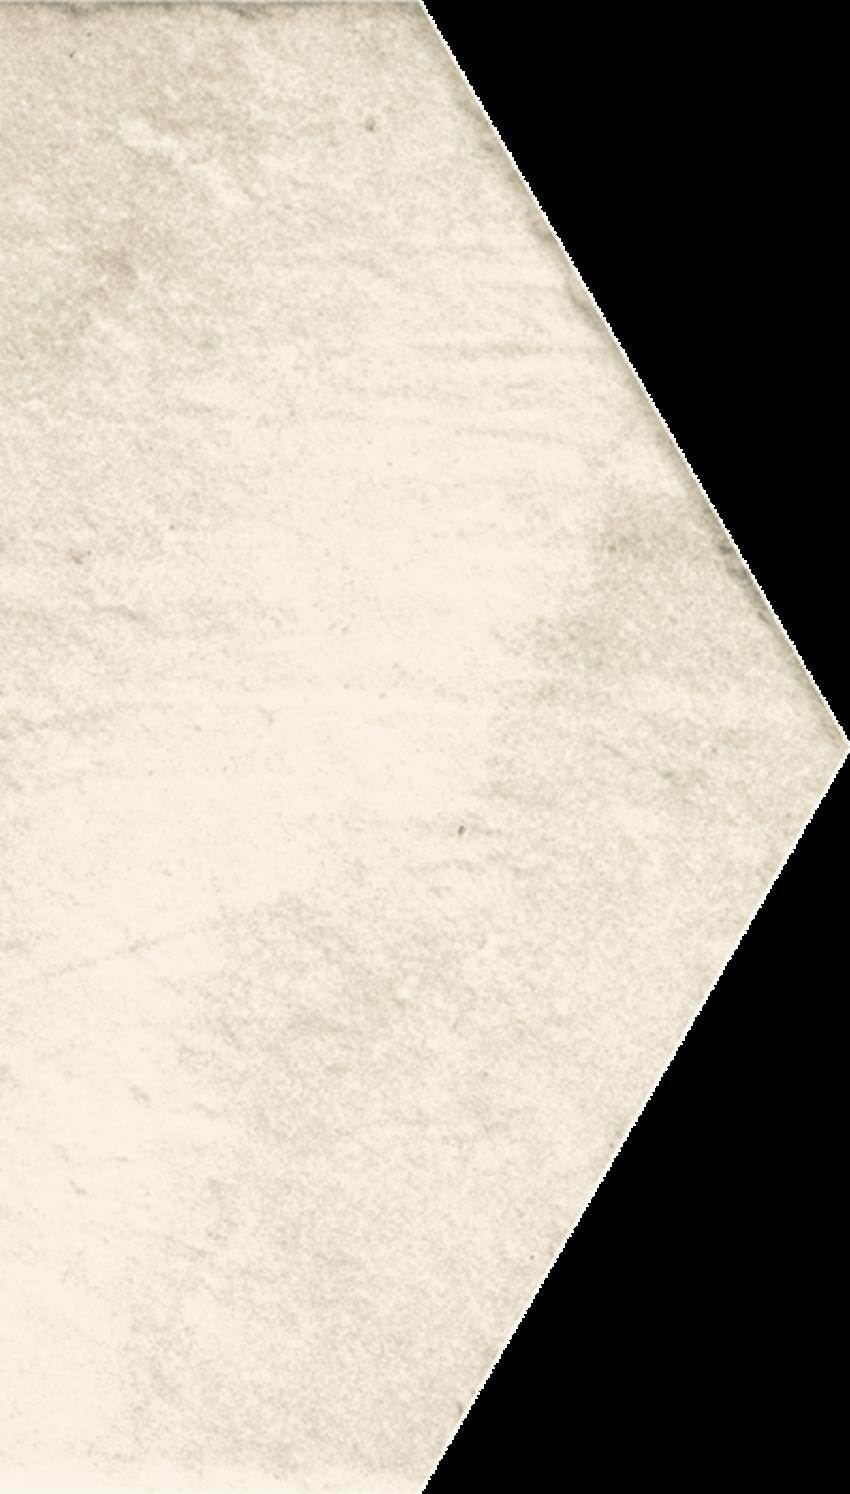 Dekoracja podłogowa 14,8x26 cm Paradyż Scandiano Beige Połowa